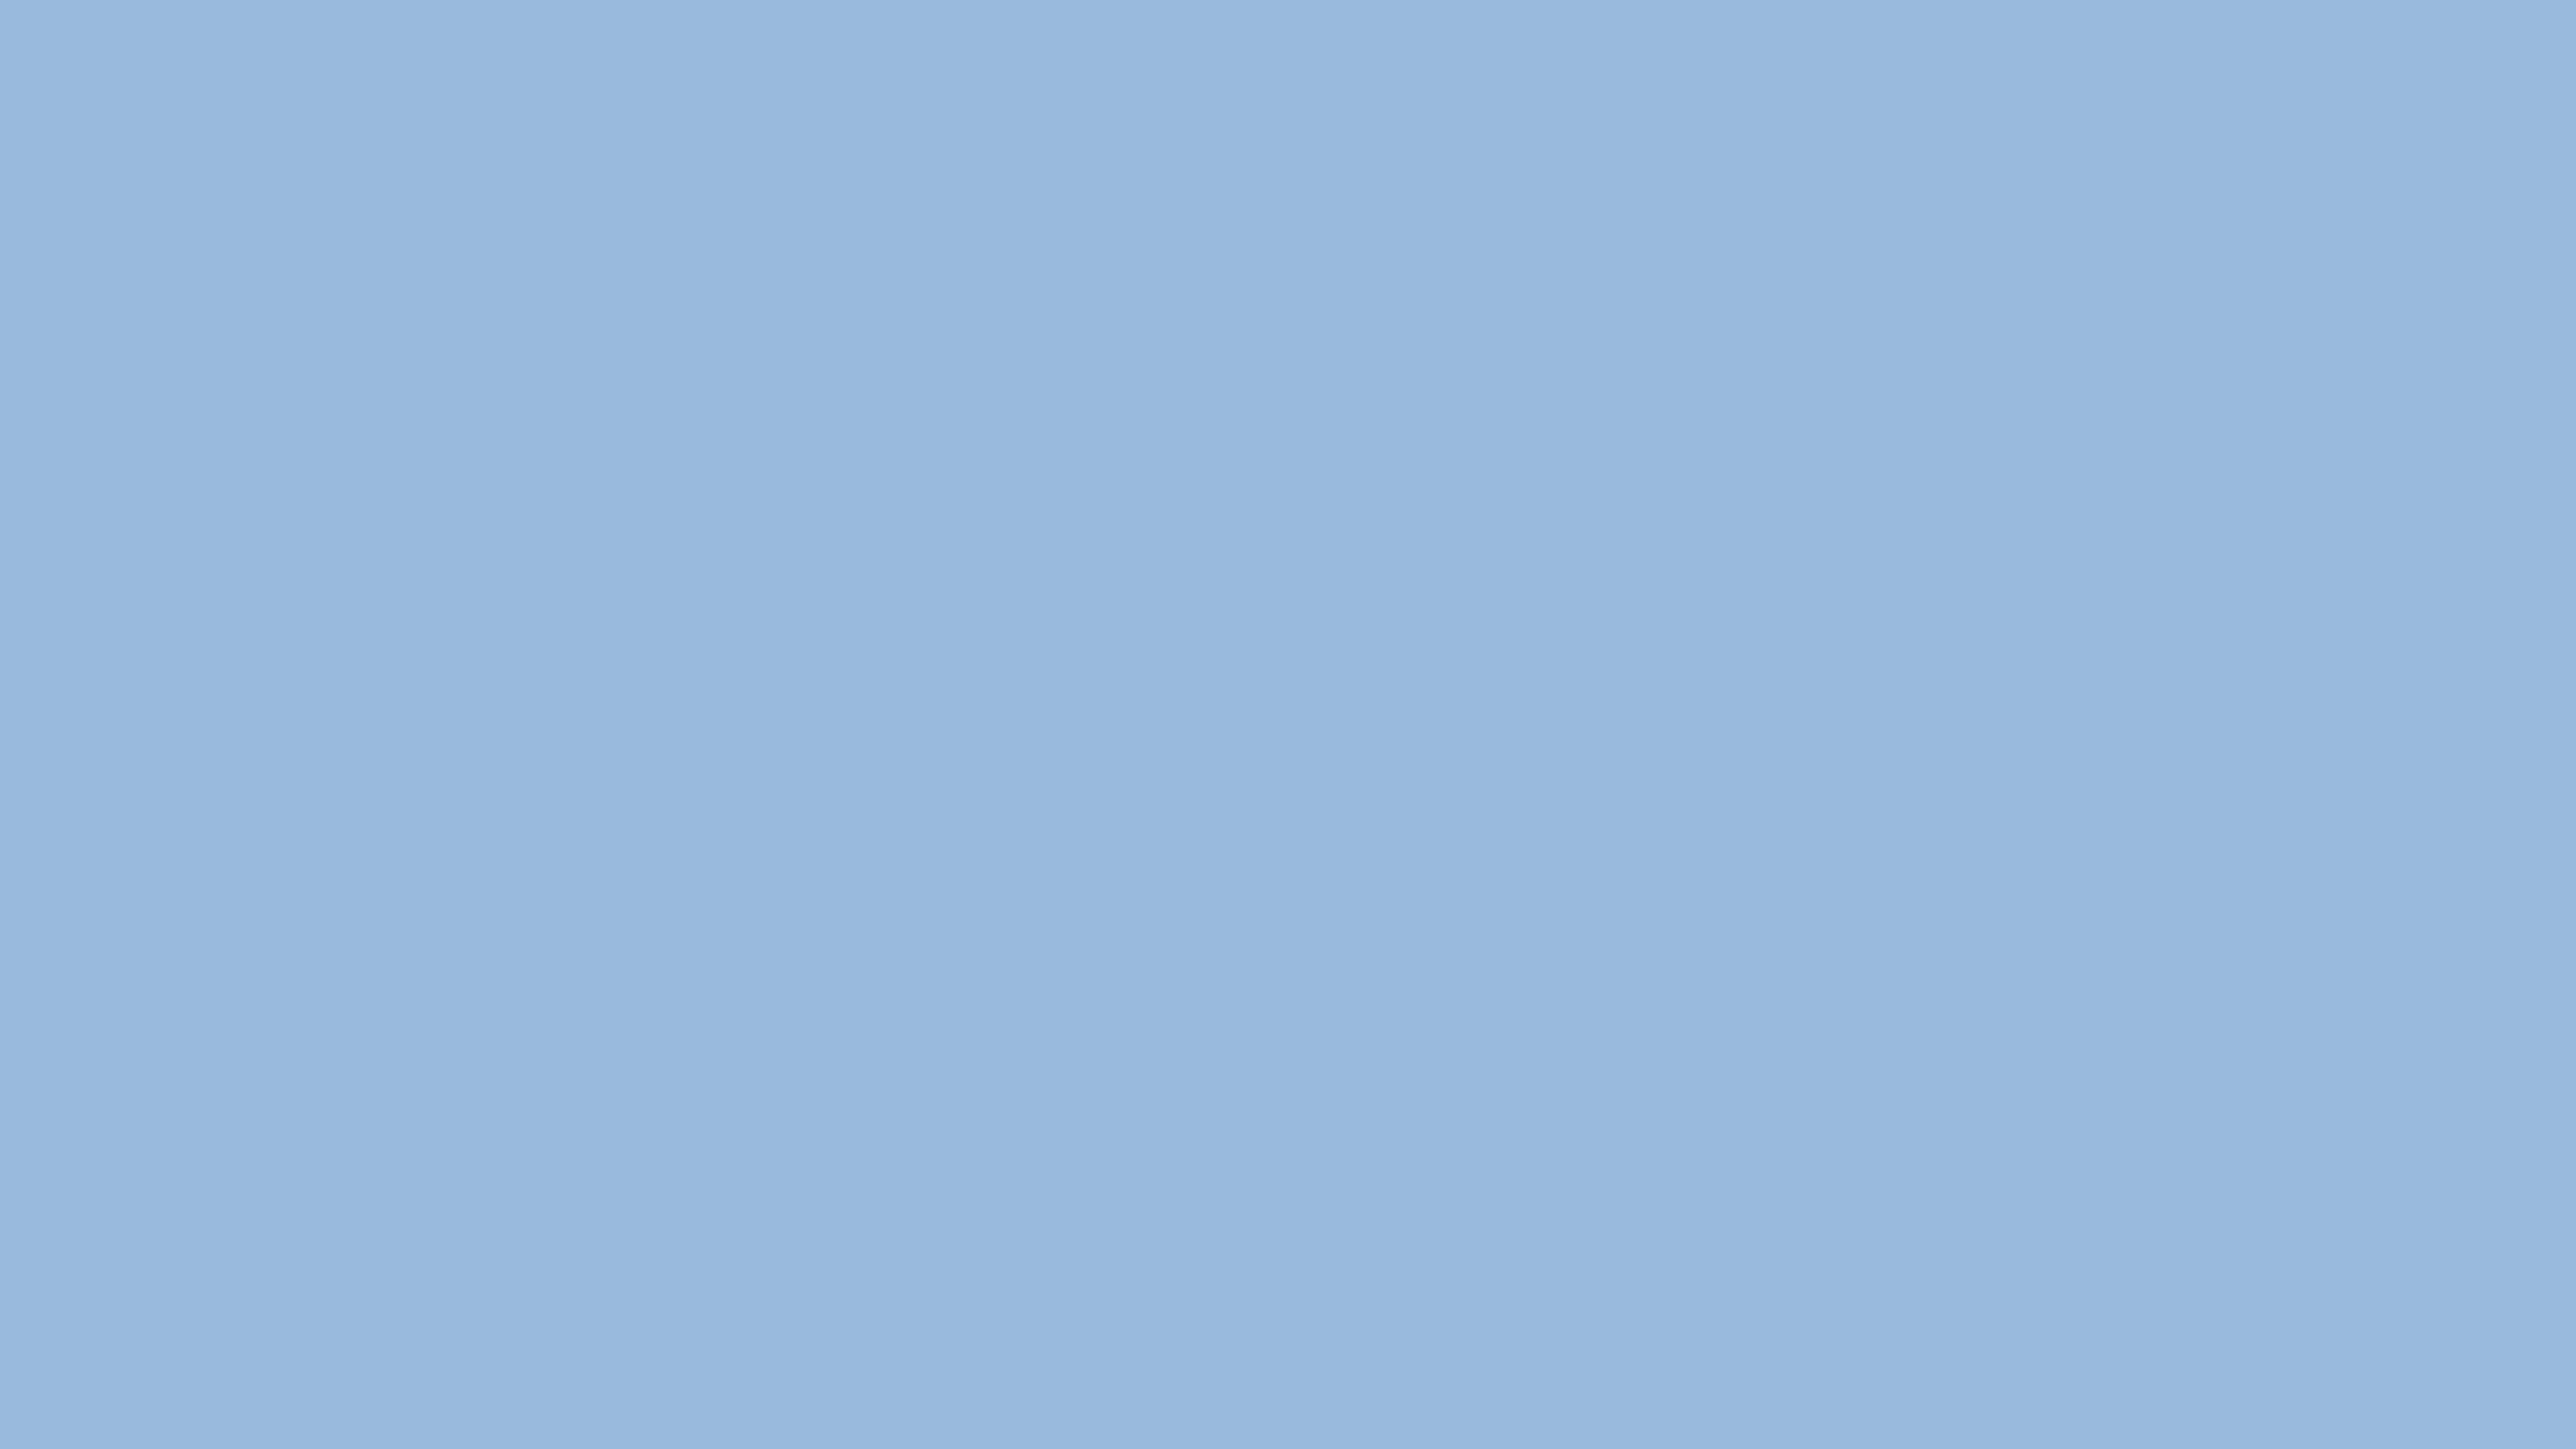 4096x2304 Carolina Blue Solid Color Background